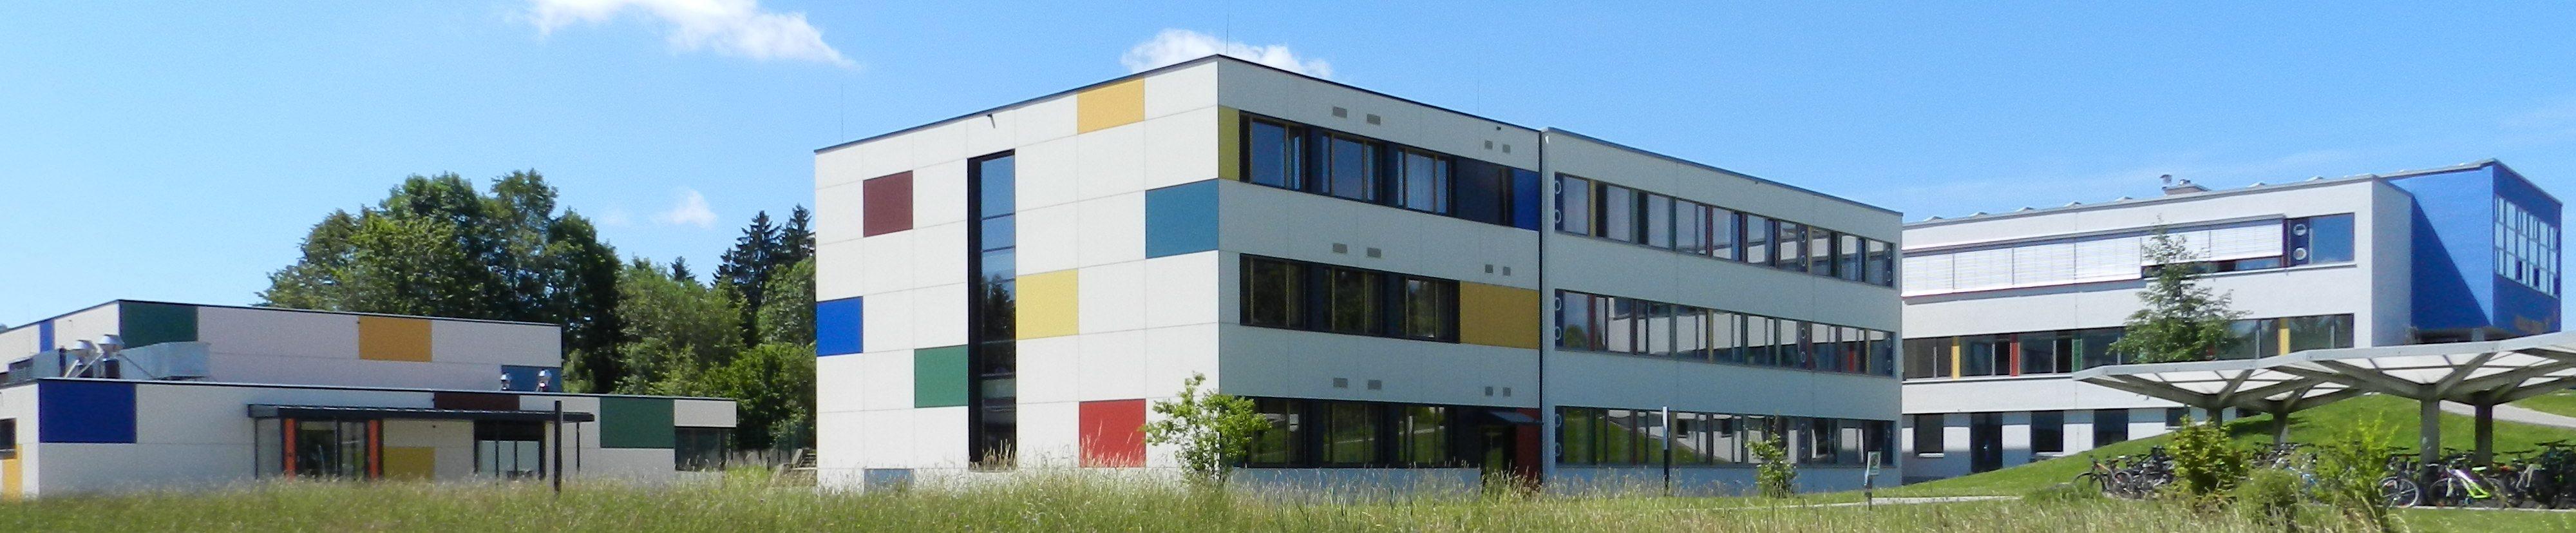 Realschule Lindenberg